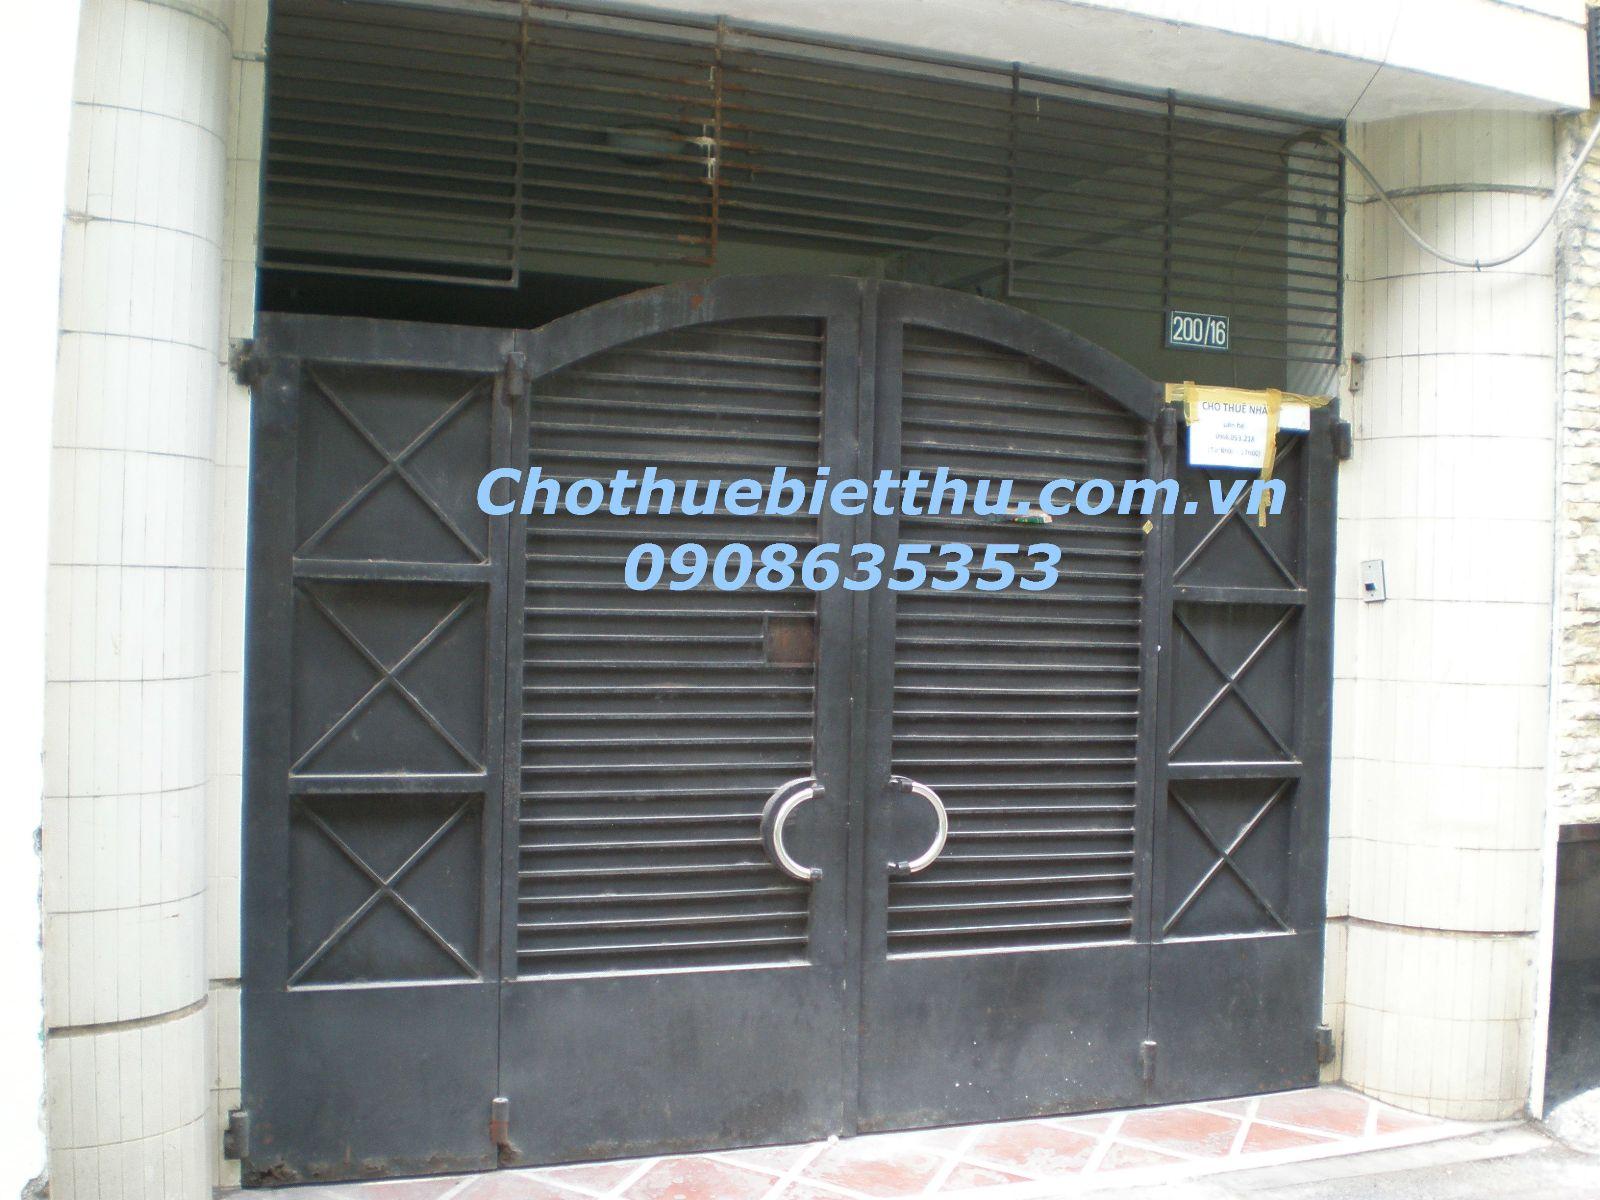 Cho thuê Nhà quận Phú Nhuận